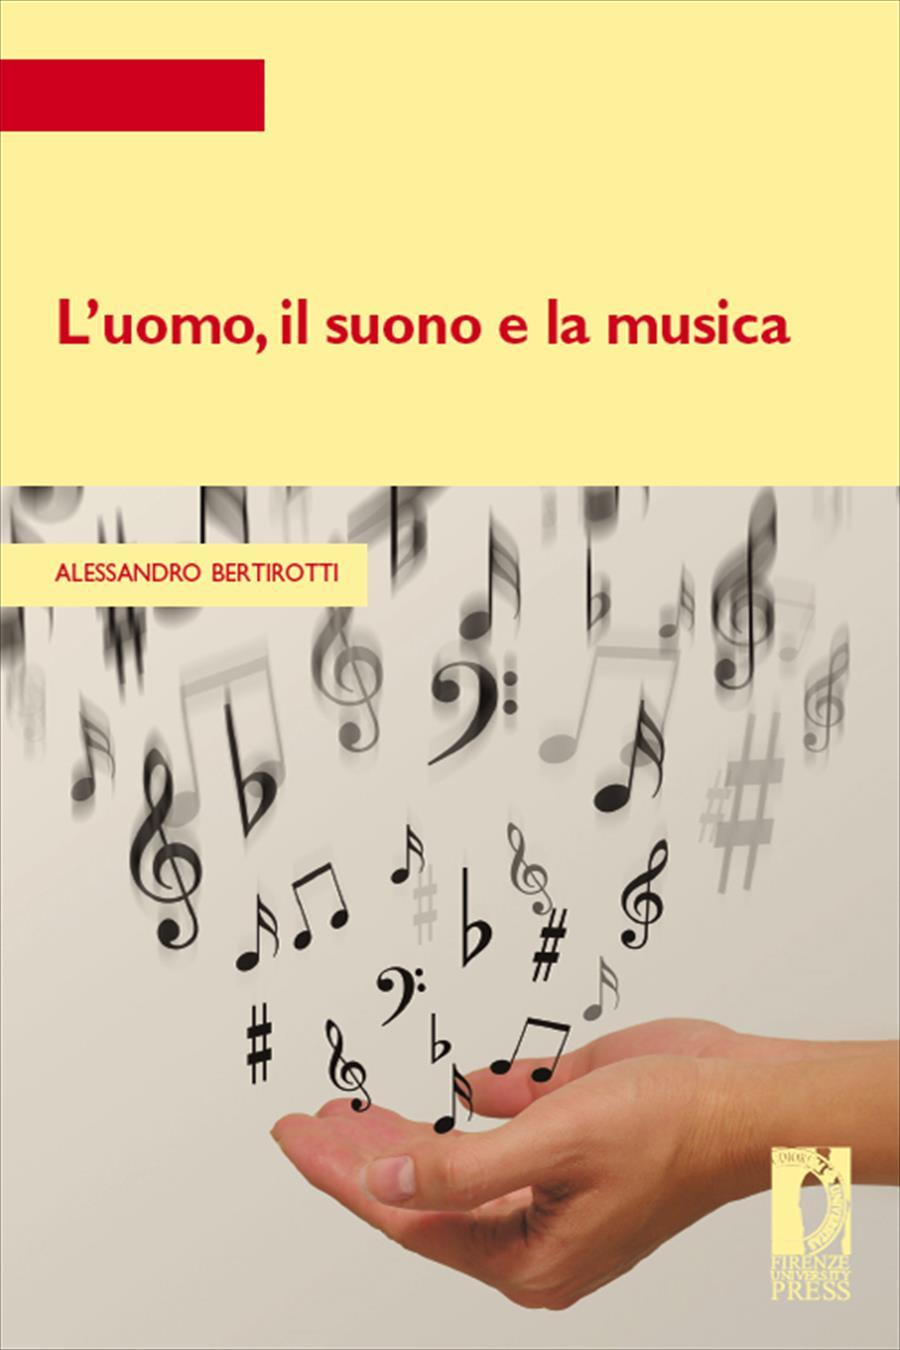 L'uomo, il suono e la musica